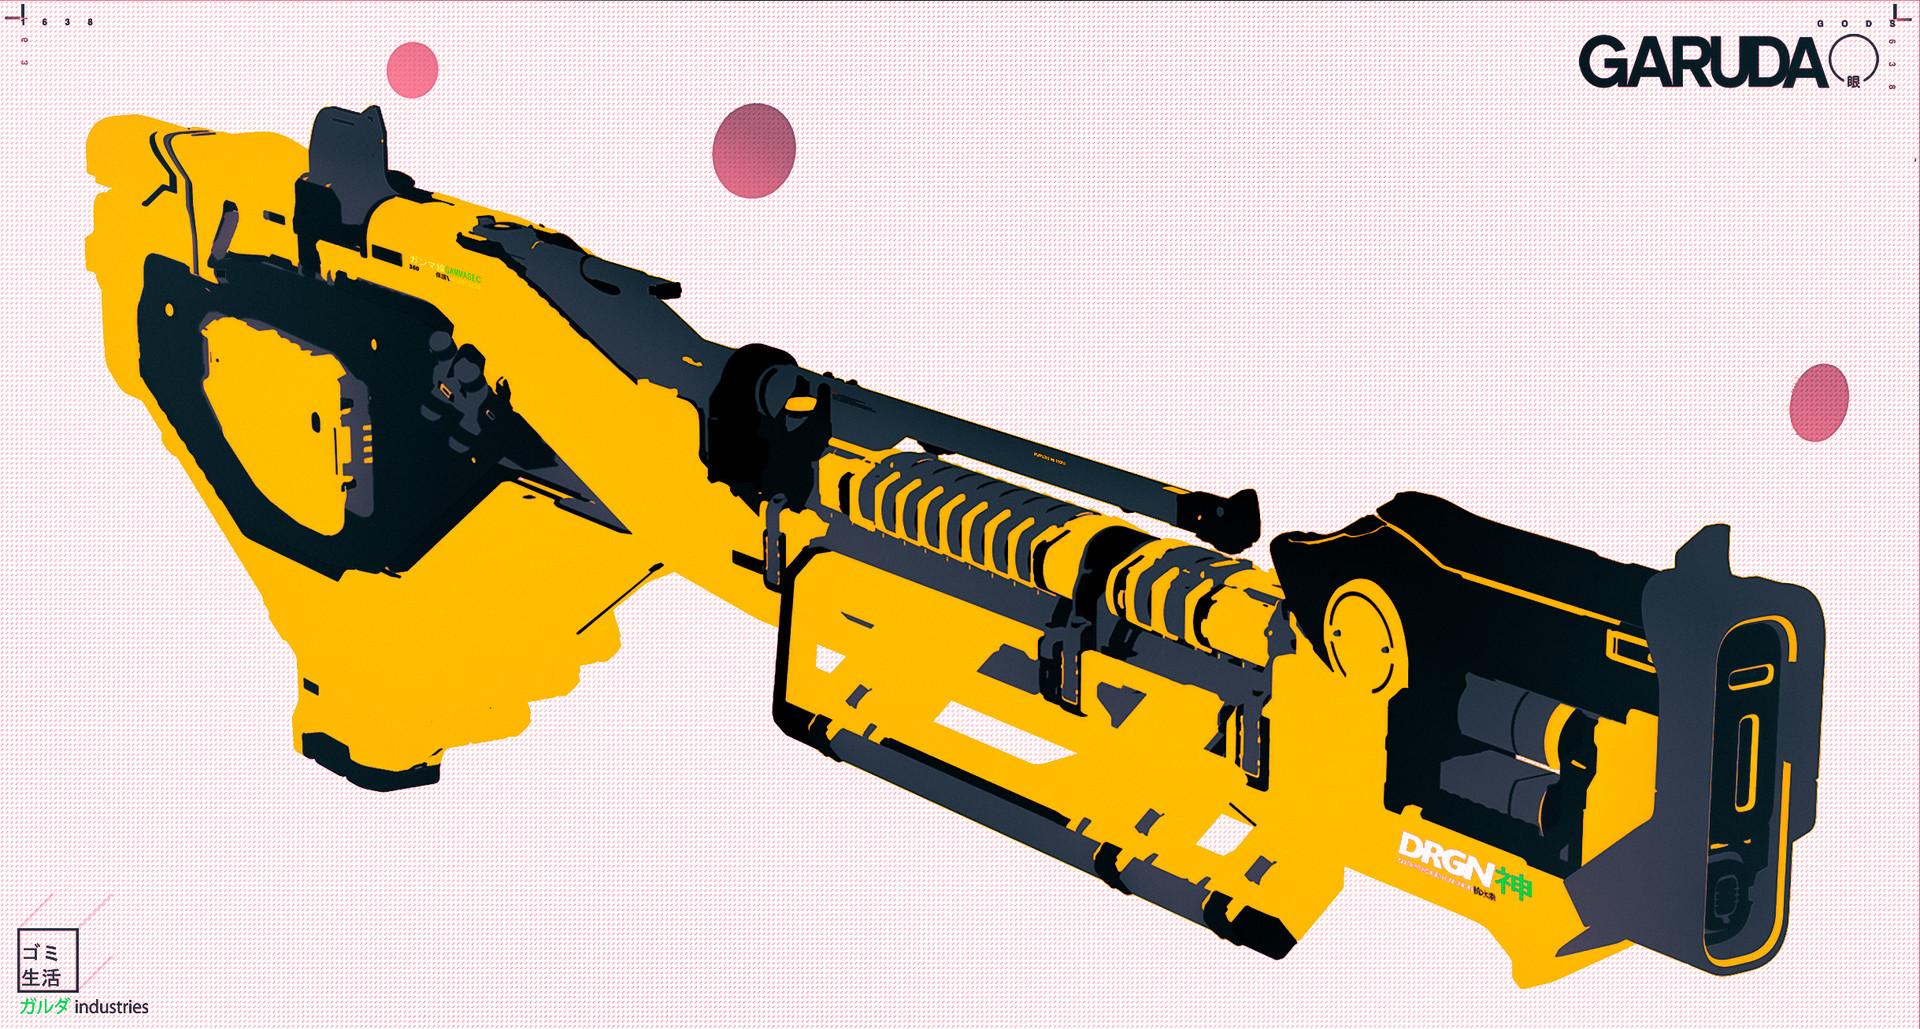 Alex senechal mech yellow swag yellow tint final